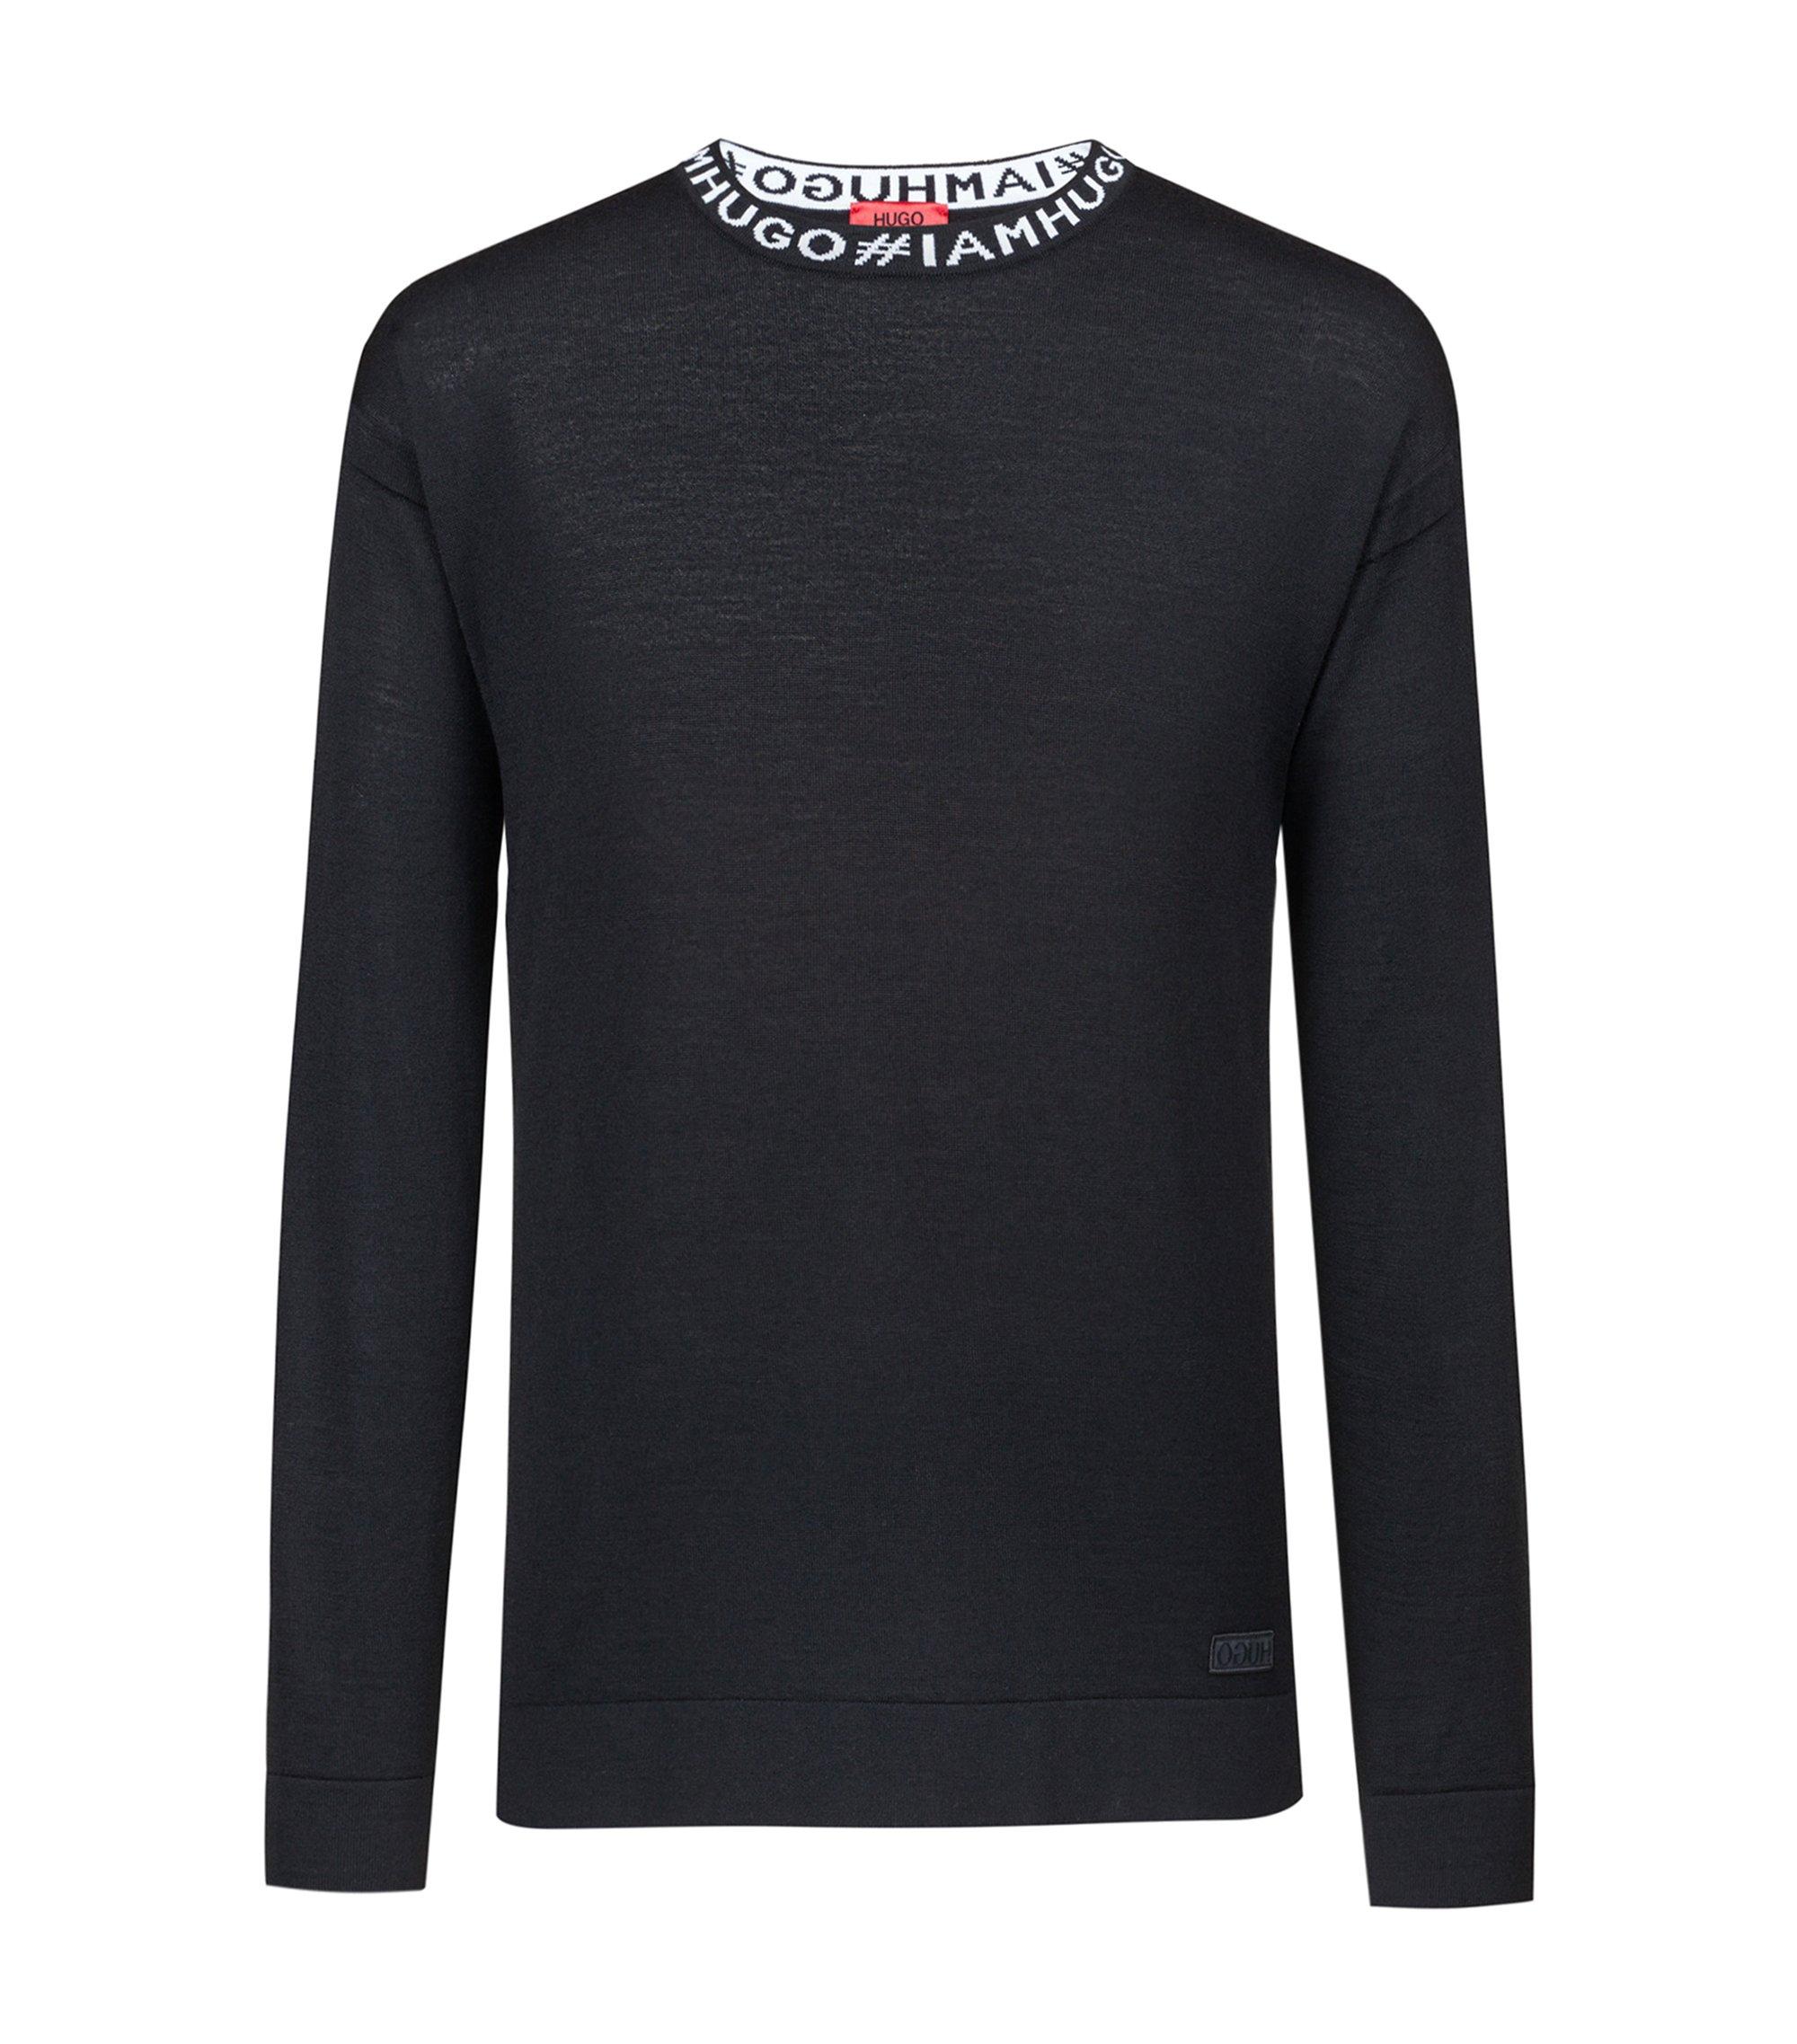 Oversized Pullover aus Schurwolle mit Slogan-Intarsie, Schwarz